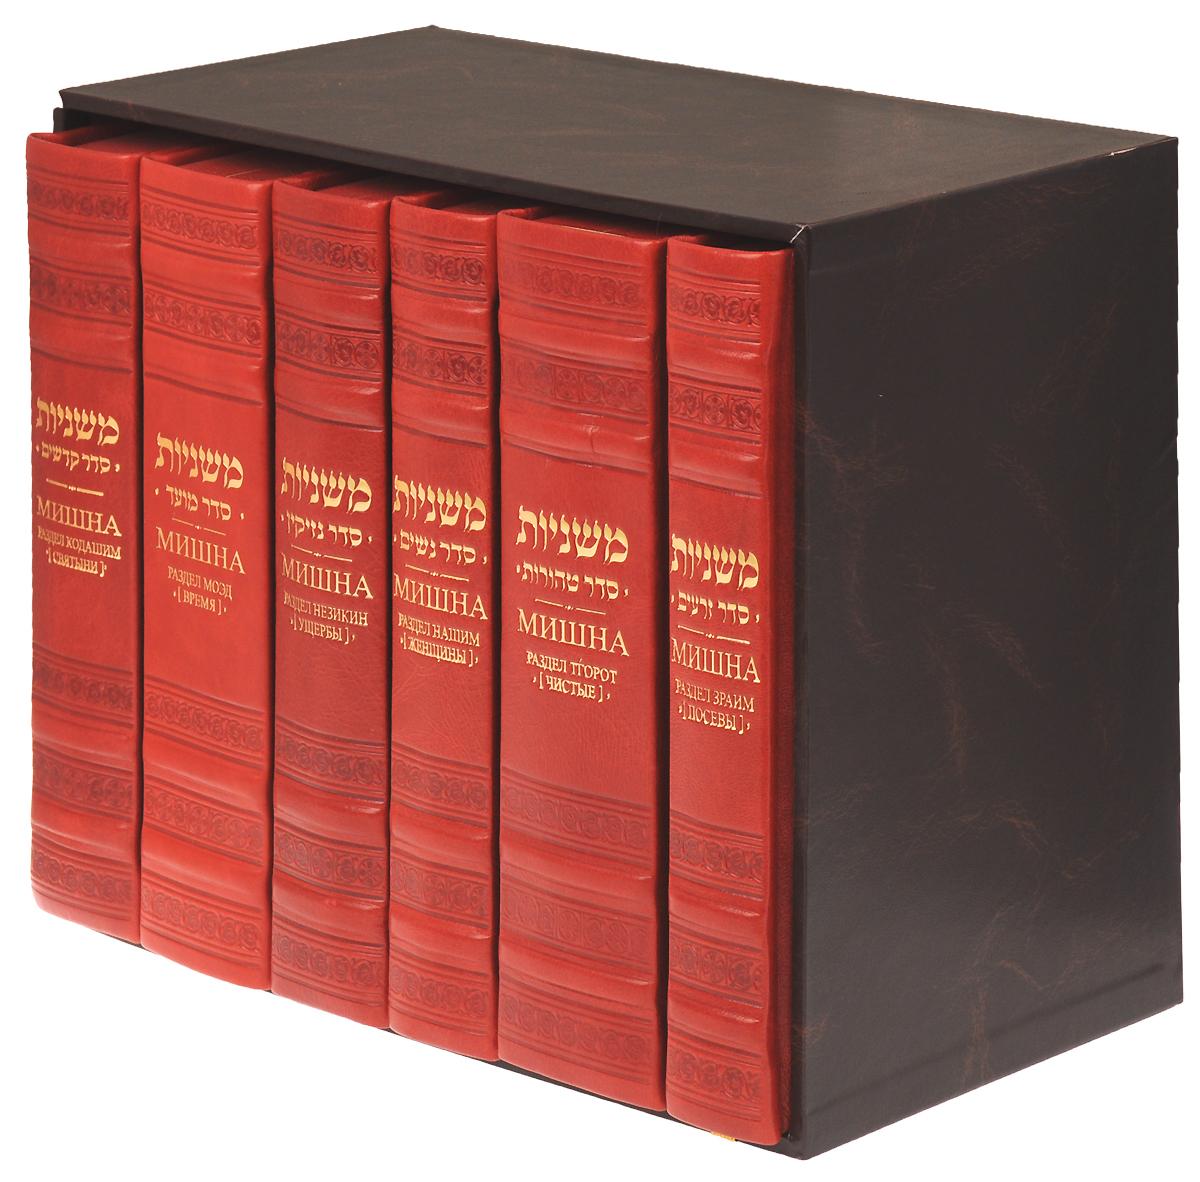 Мишна (подарочный комплект из 6 книг) dipak vora biological control of insect larvae